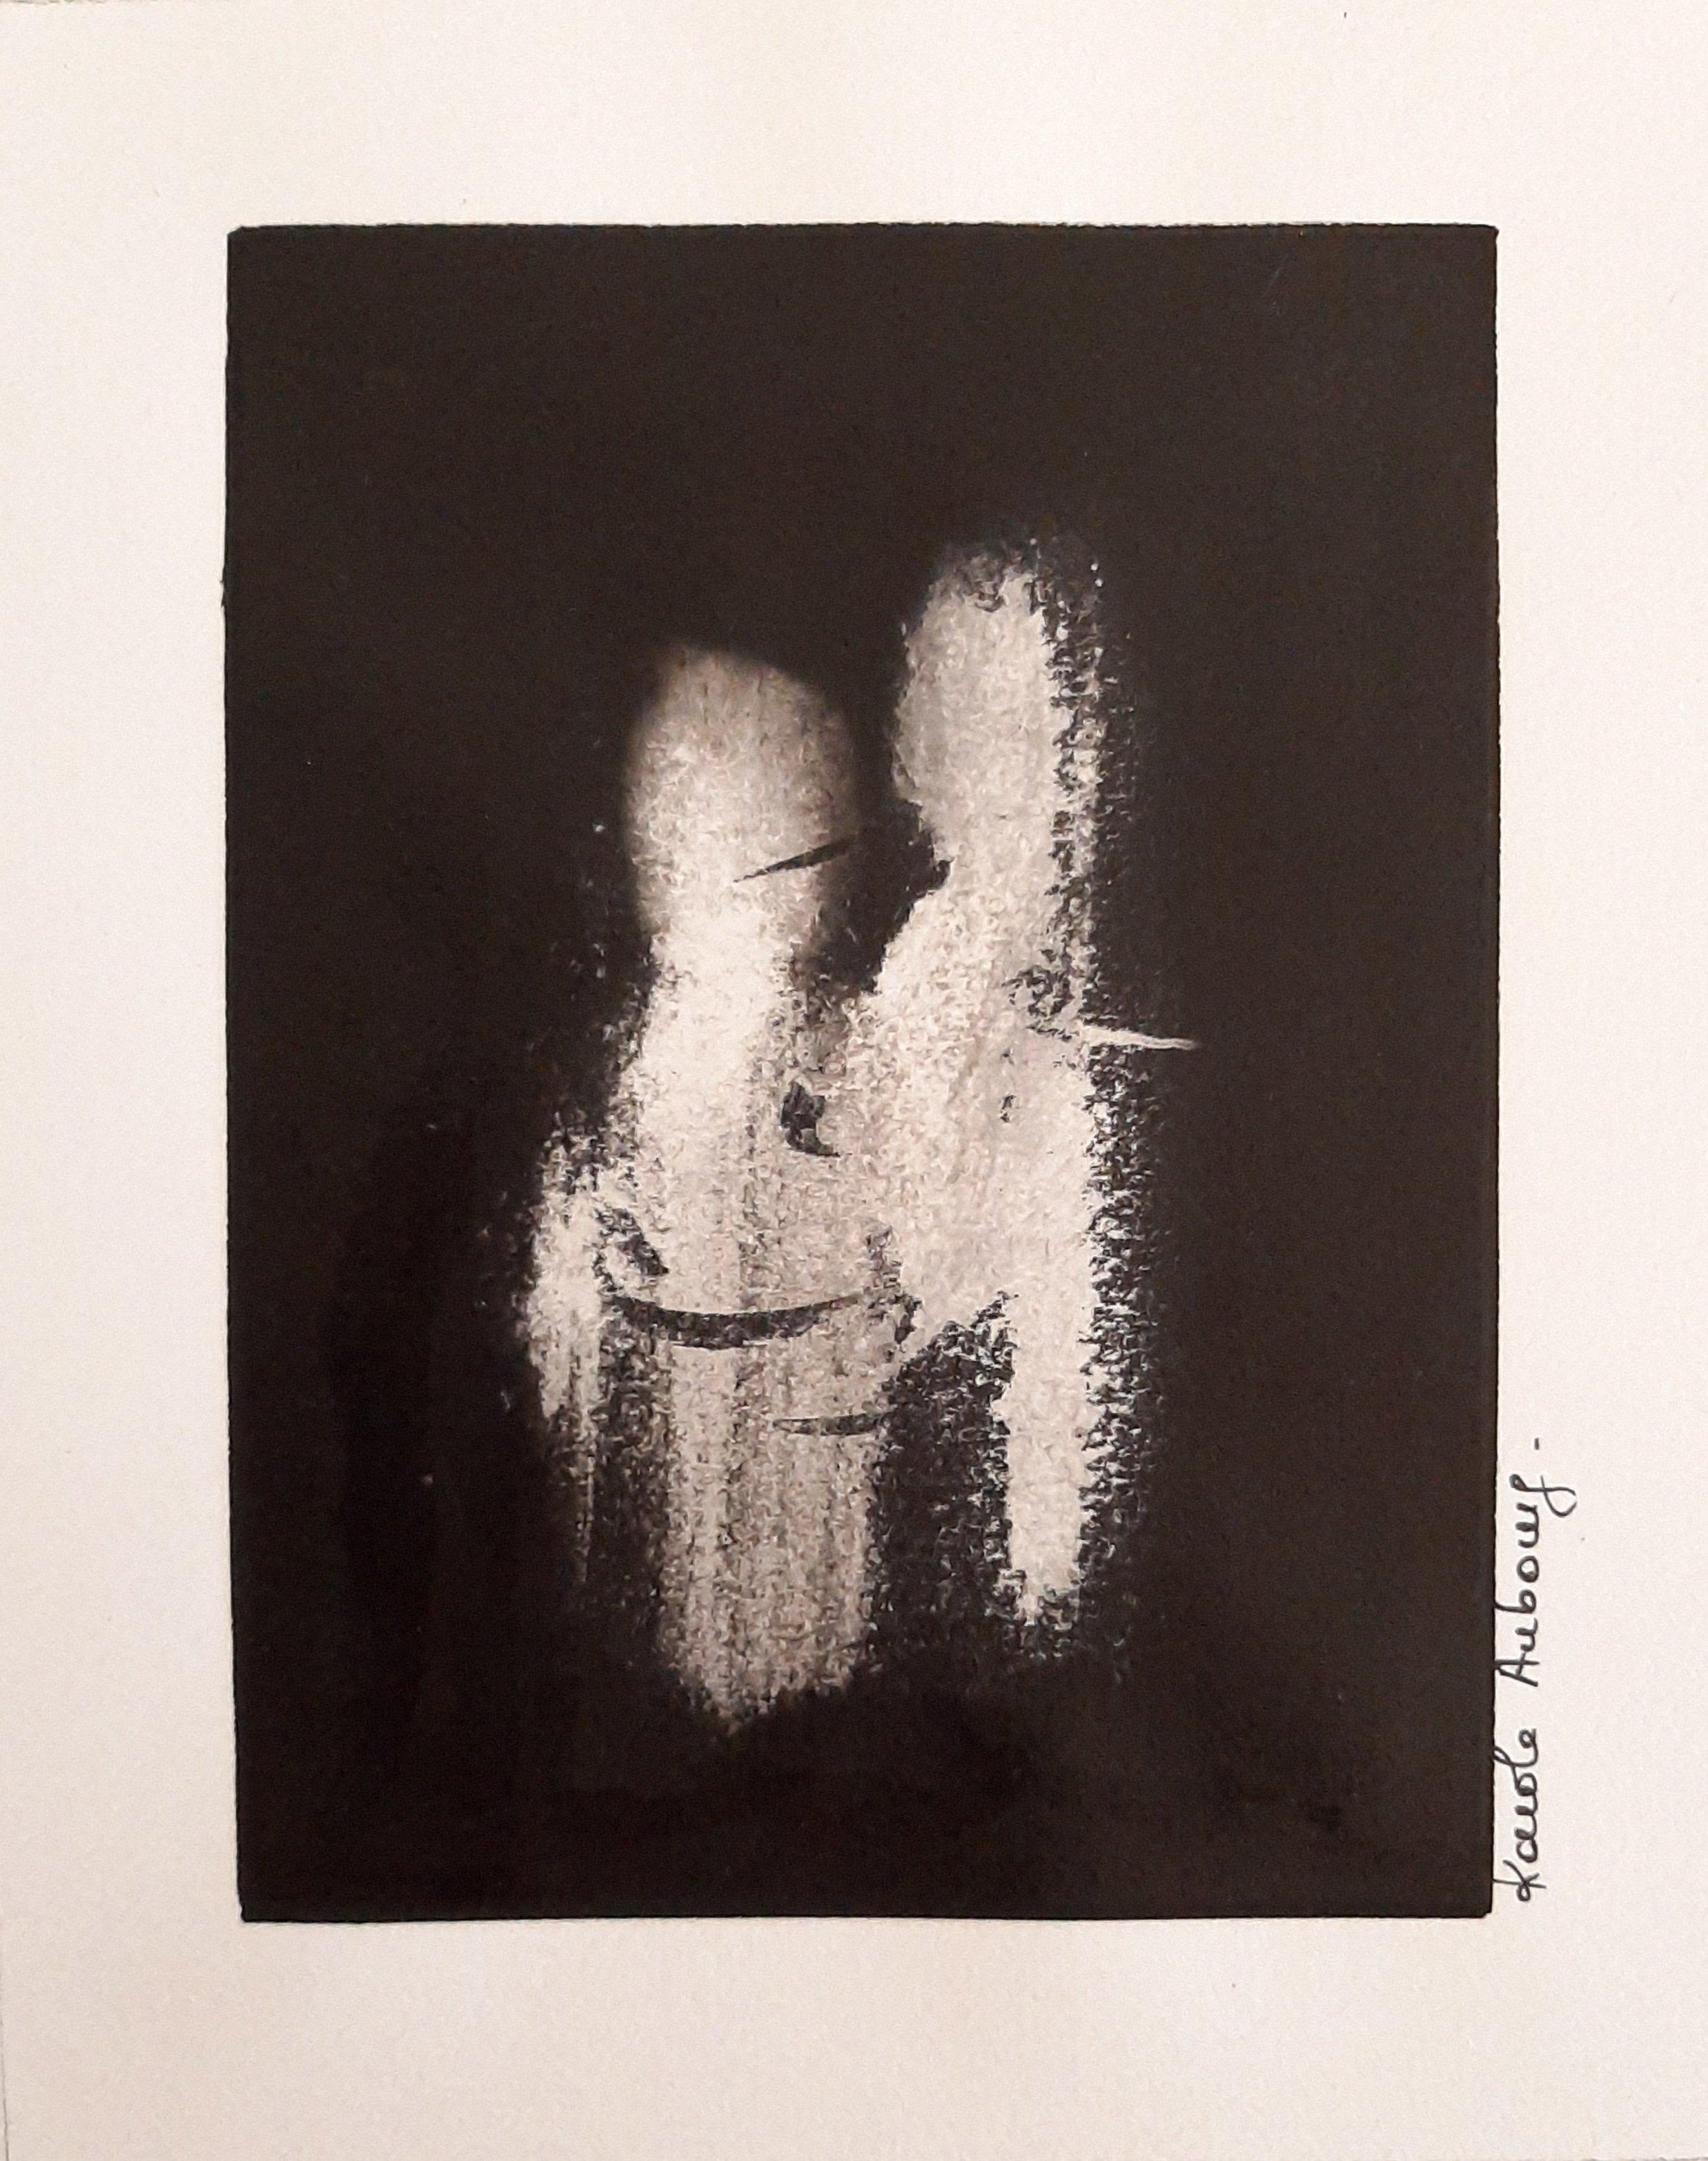 Encre de Chine sur papier Numero 5 Karole Aubourg Dim 30 x 21 cm